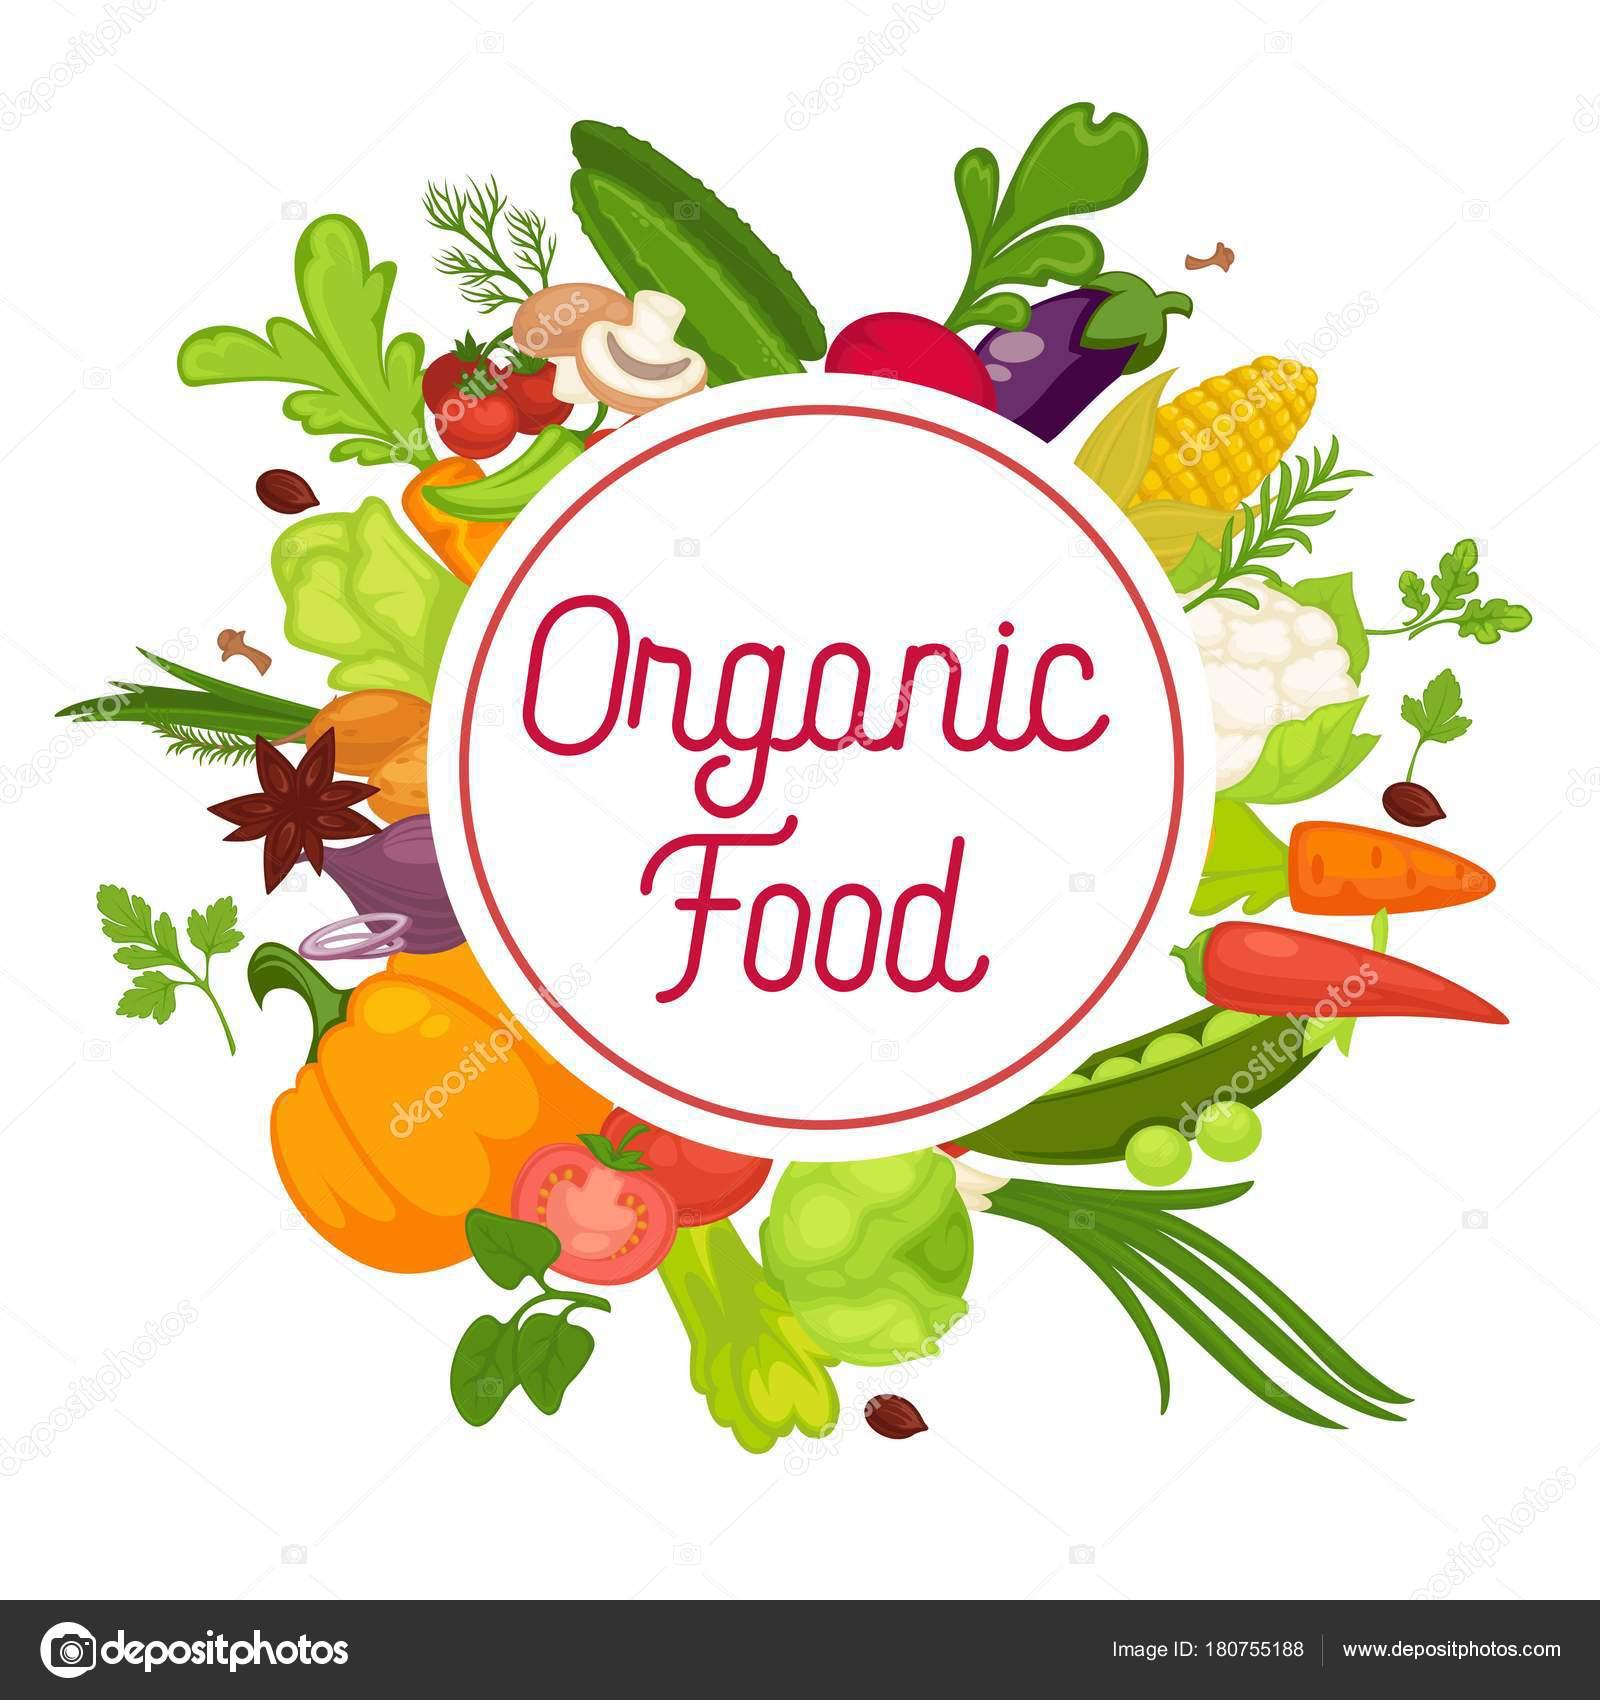 Organic Food Products Healthy: Cartaz Comida Saudável Vegetais Vegetais Orgânicos Repolho